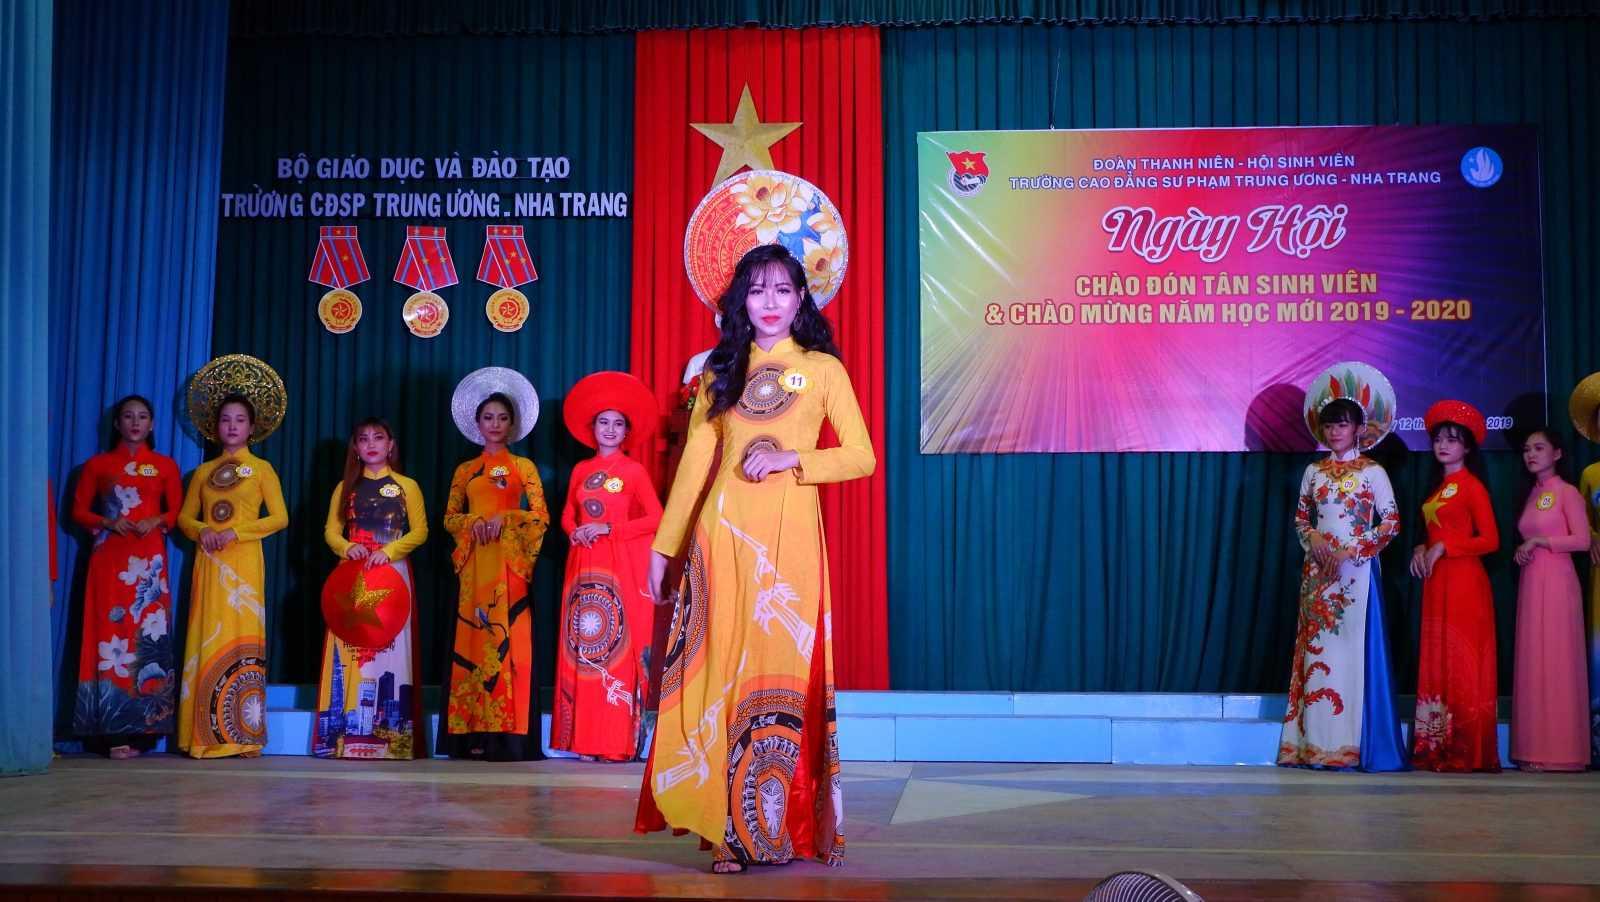 TRƯỜNG CĐSP TRUNG ƯƠNG NHA TRANG: Dạ hội chào tân sinh viên và chào mừng Năm học mới 2019 - 2020 11